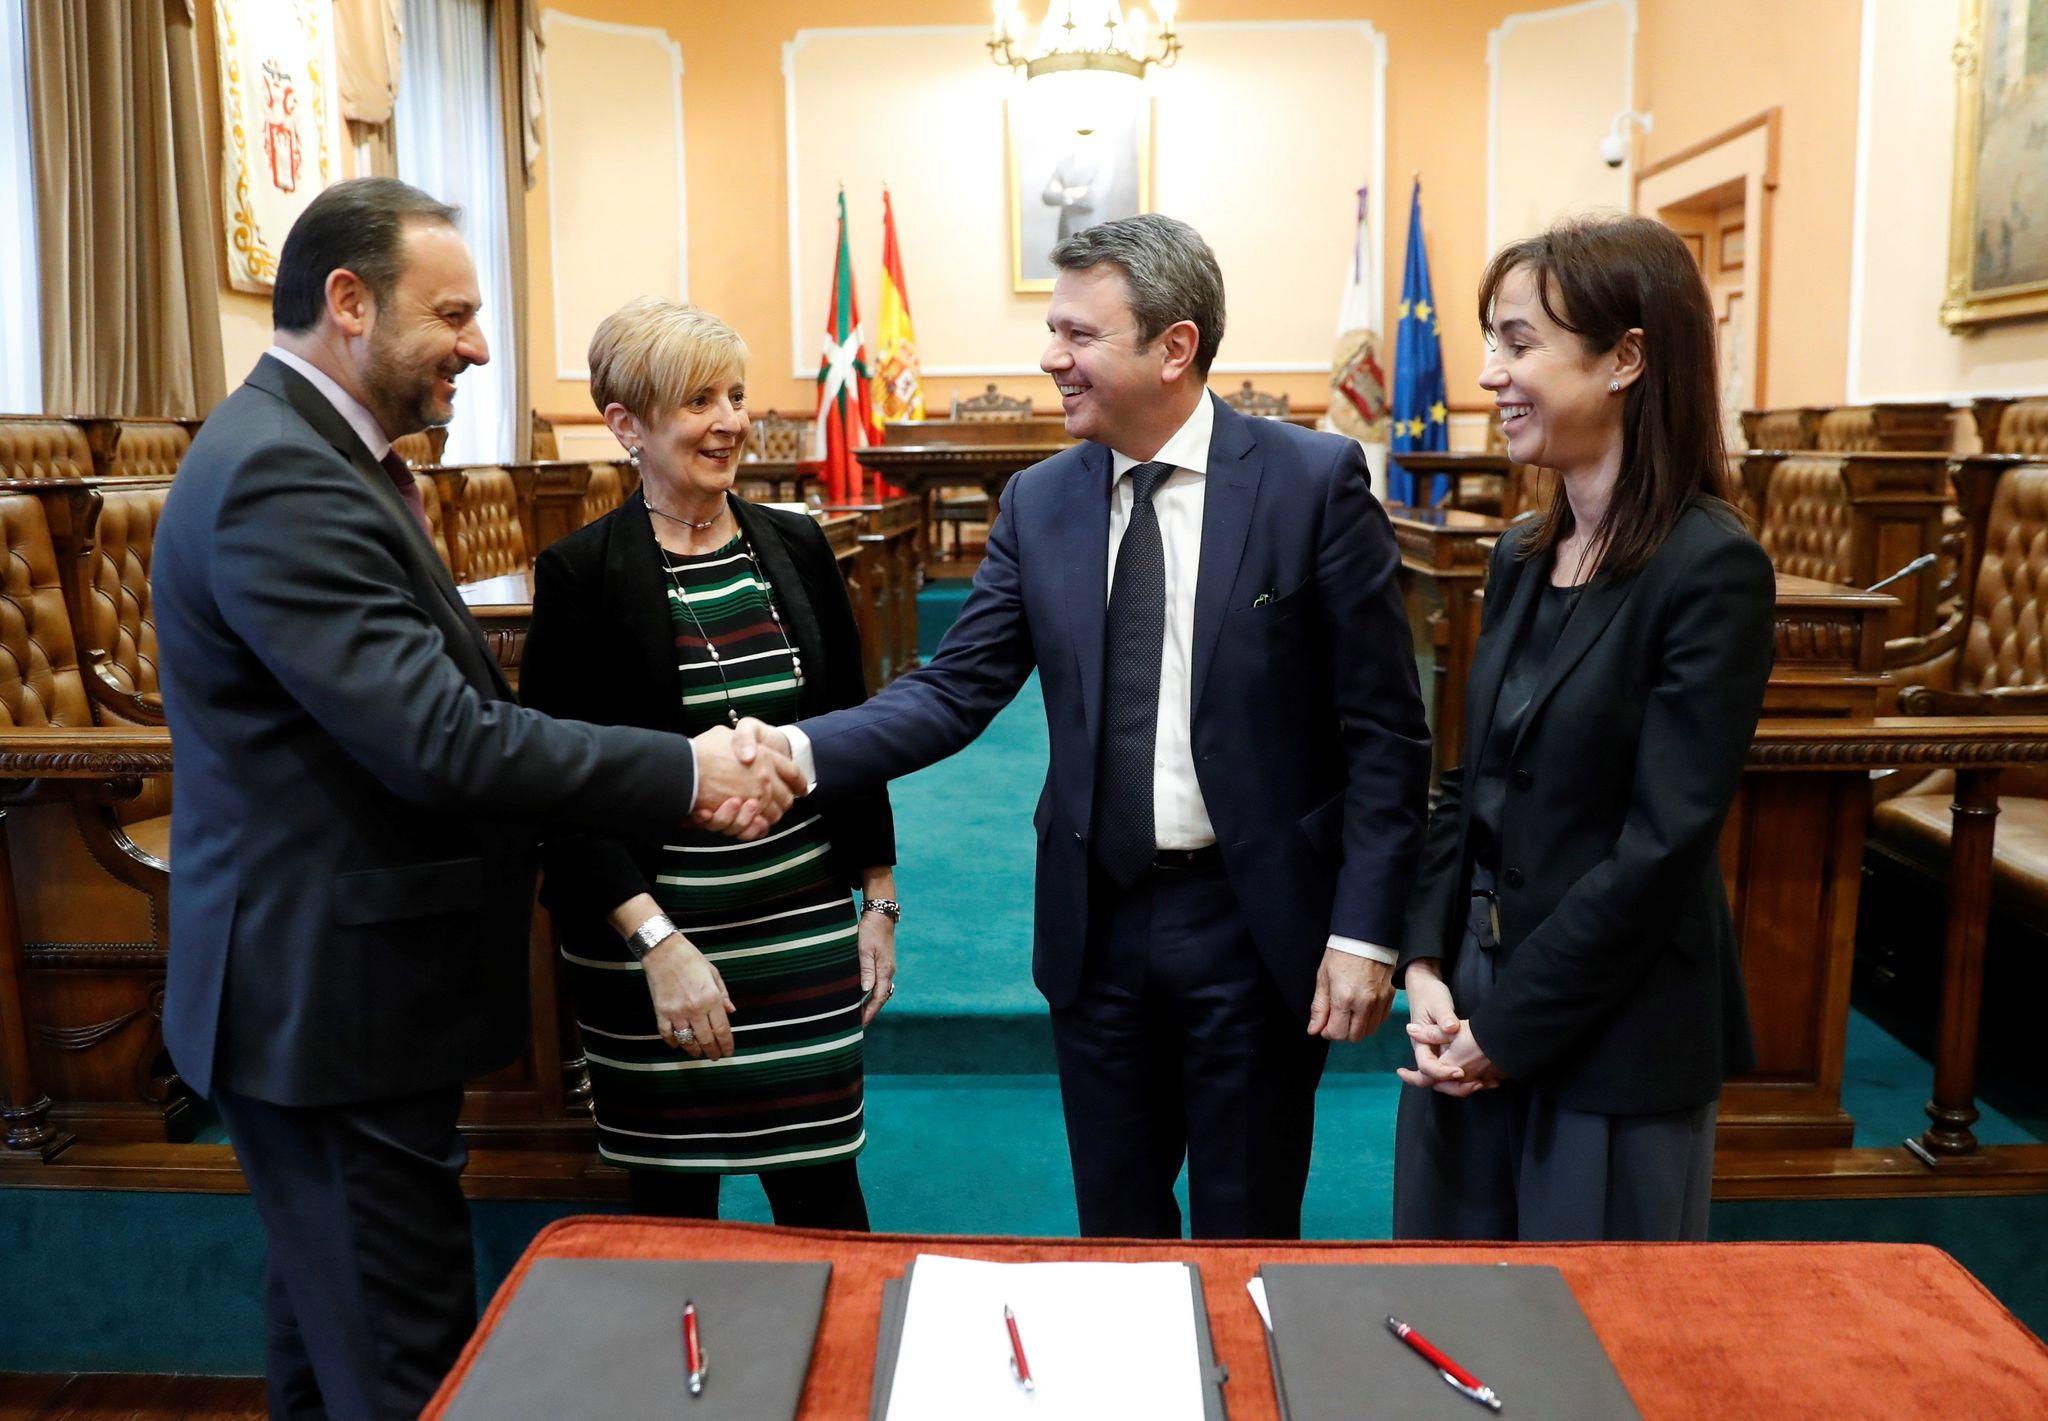 El ministro Ábalos estrecha la mano del alcalde Santano ante Arantxa Tapia e Isabel Pardo de Vera.